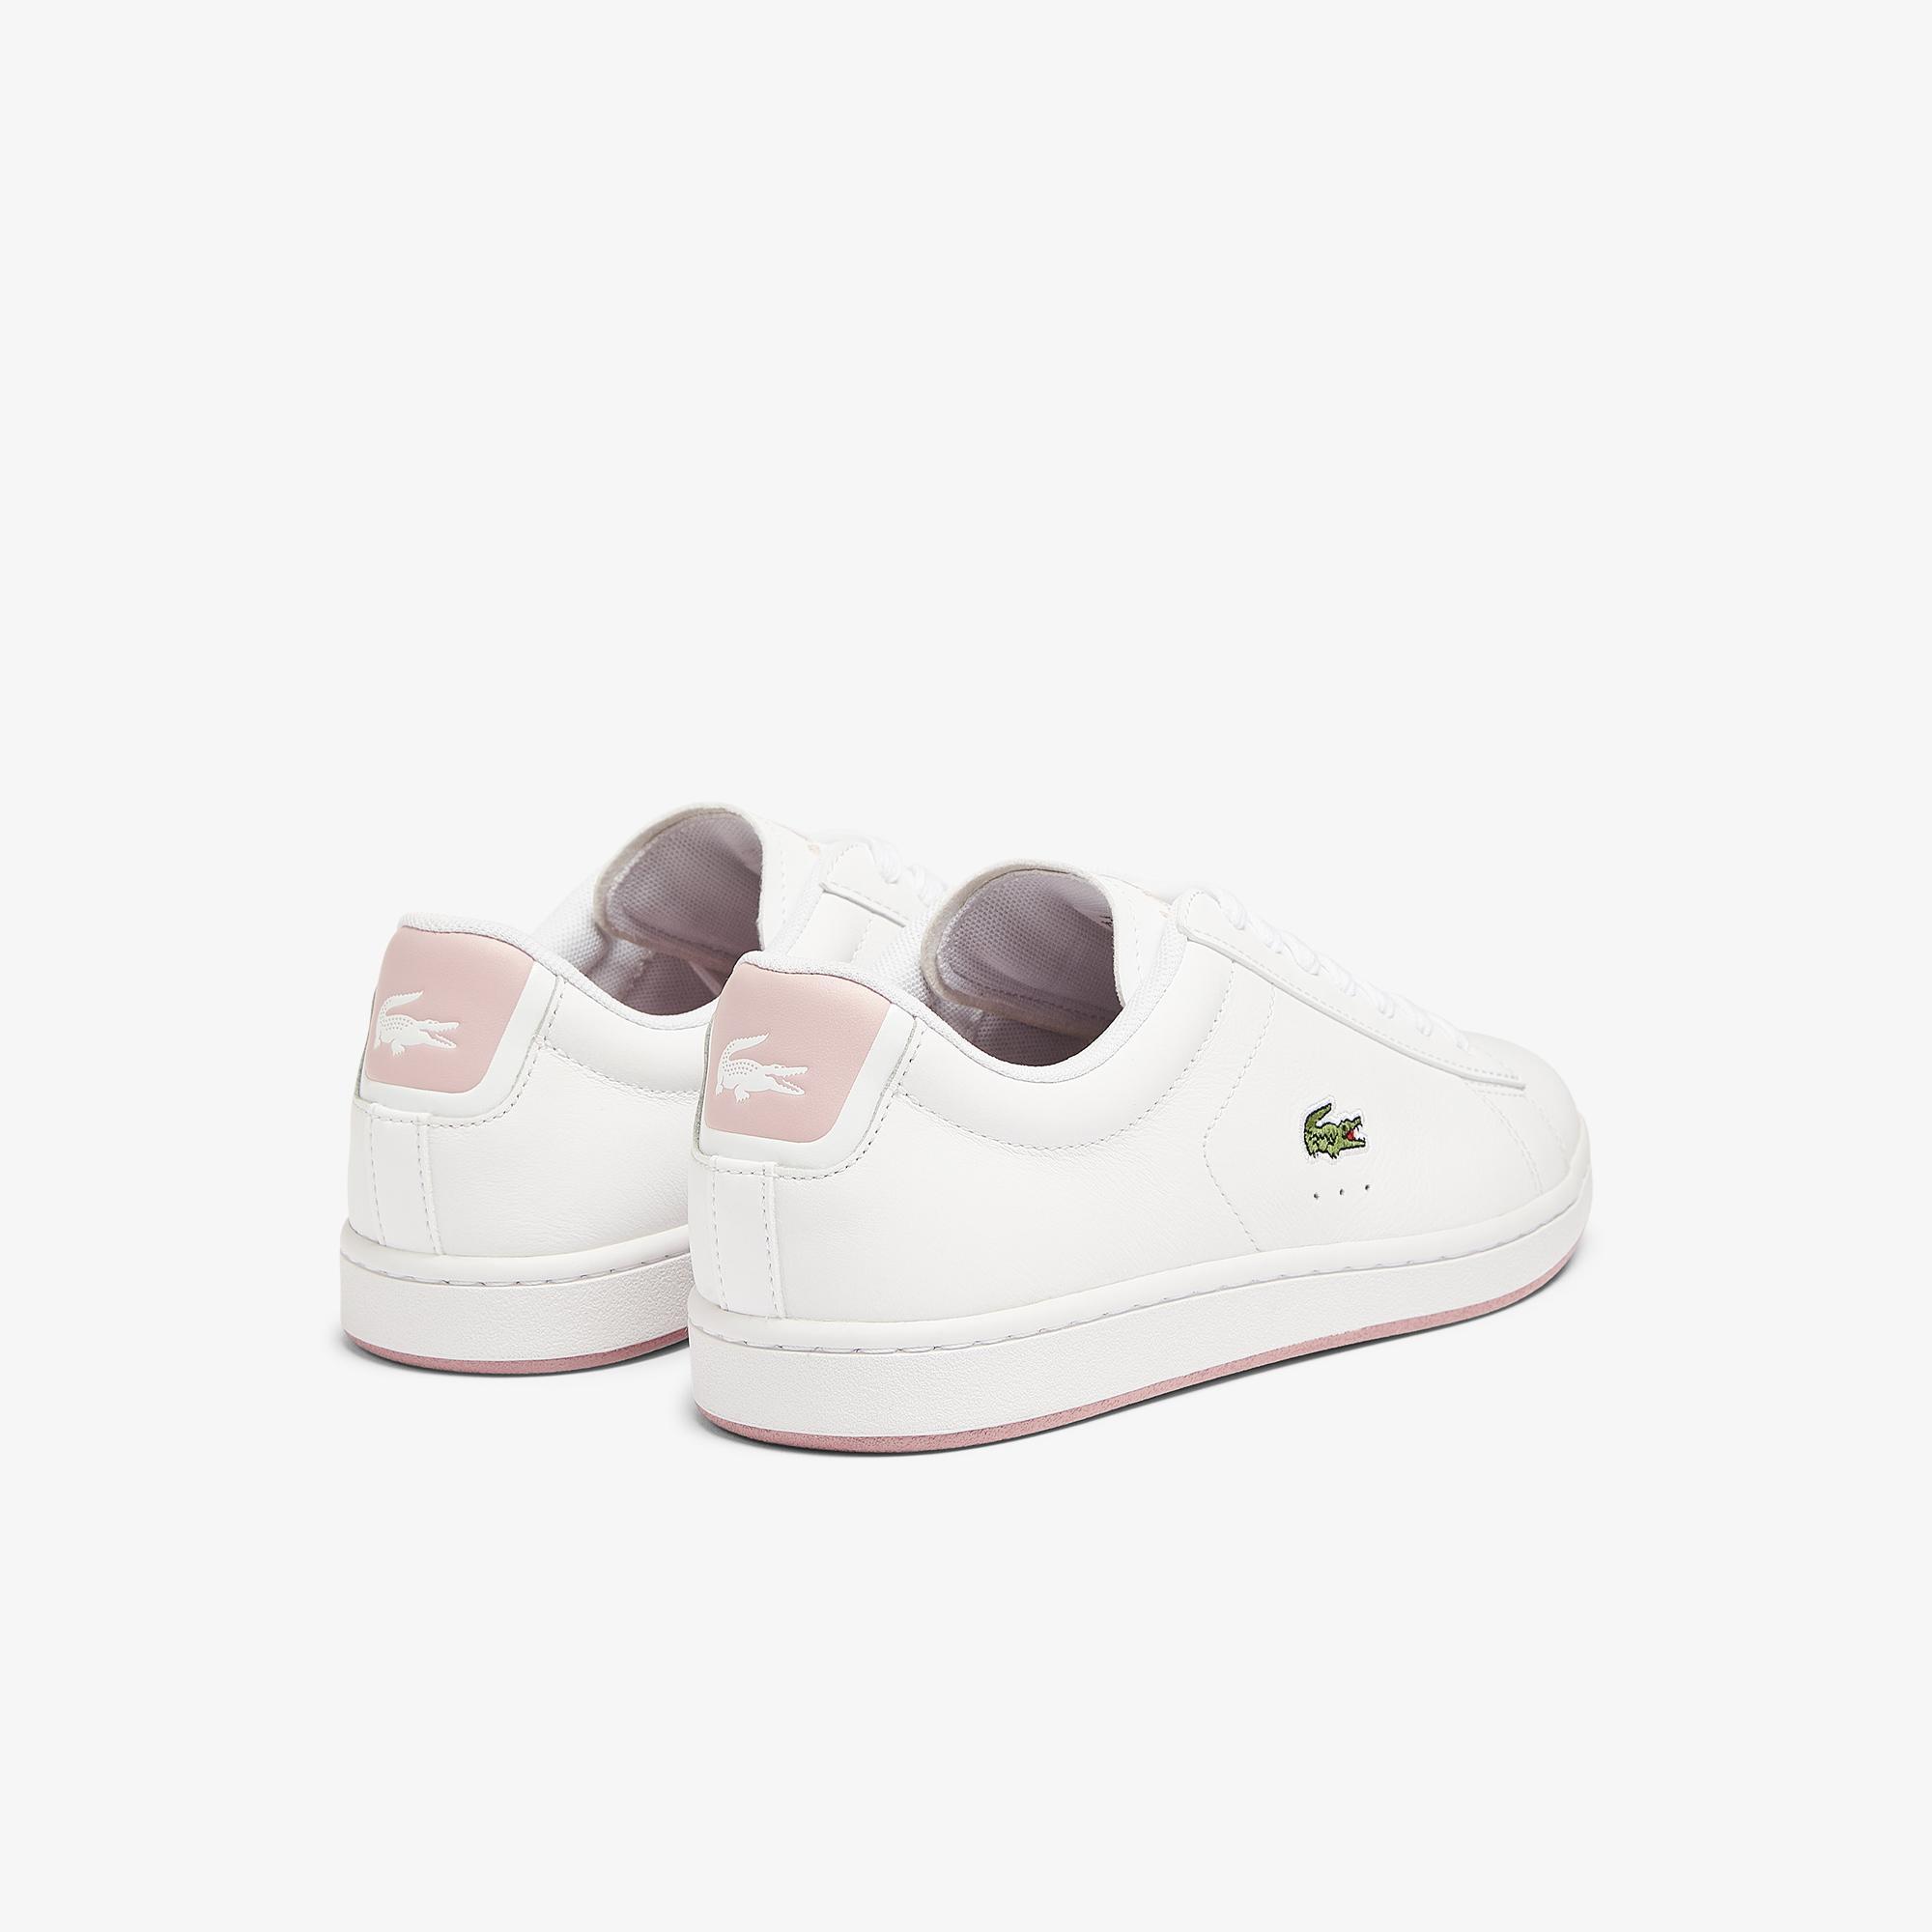 Lacoste Damskie buty Carnaby Evo 0721 2 Sfa